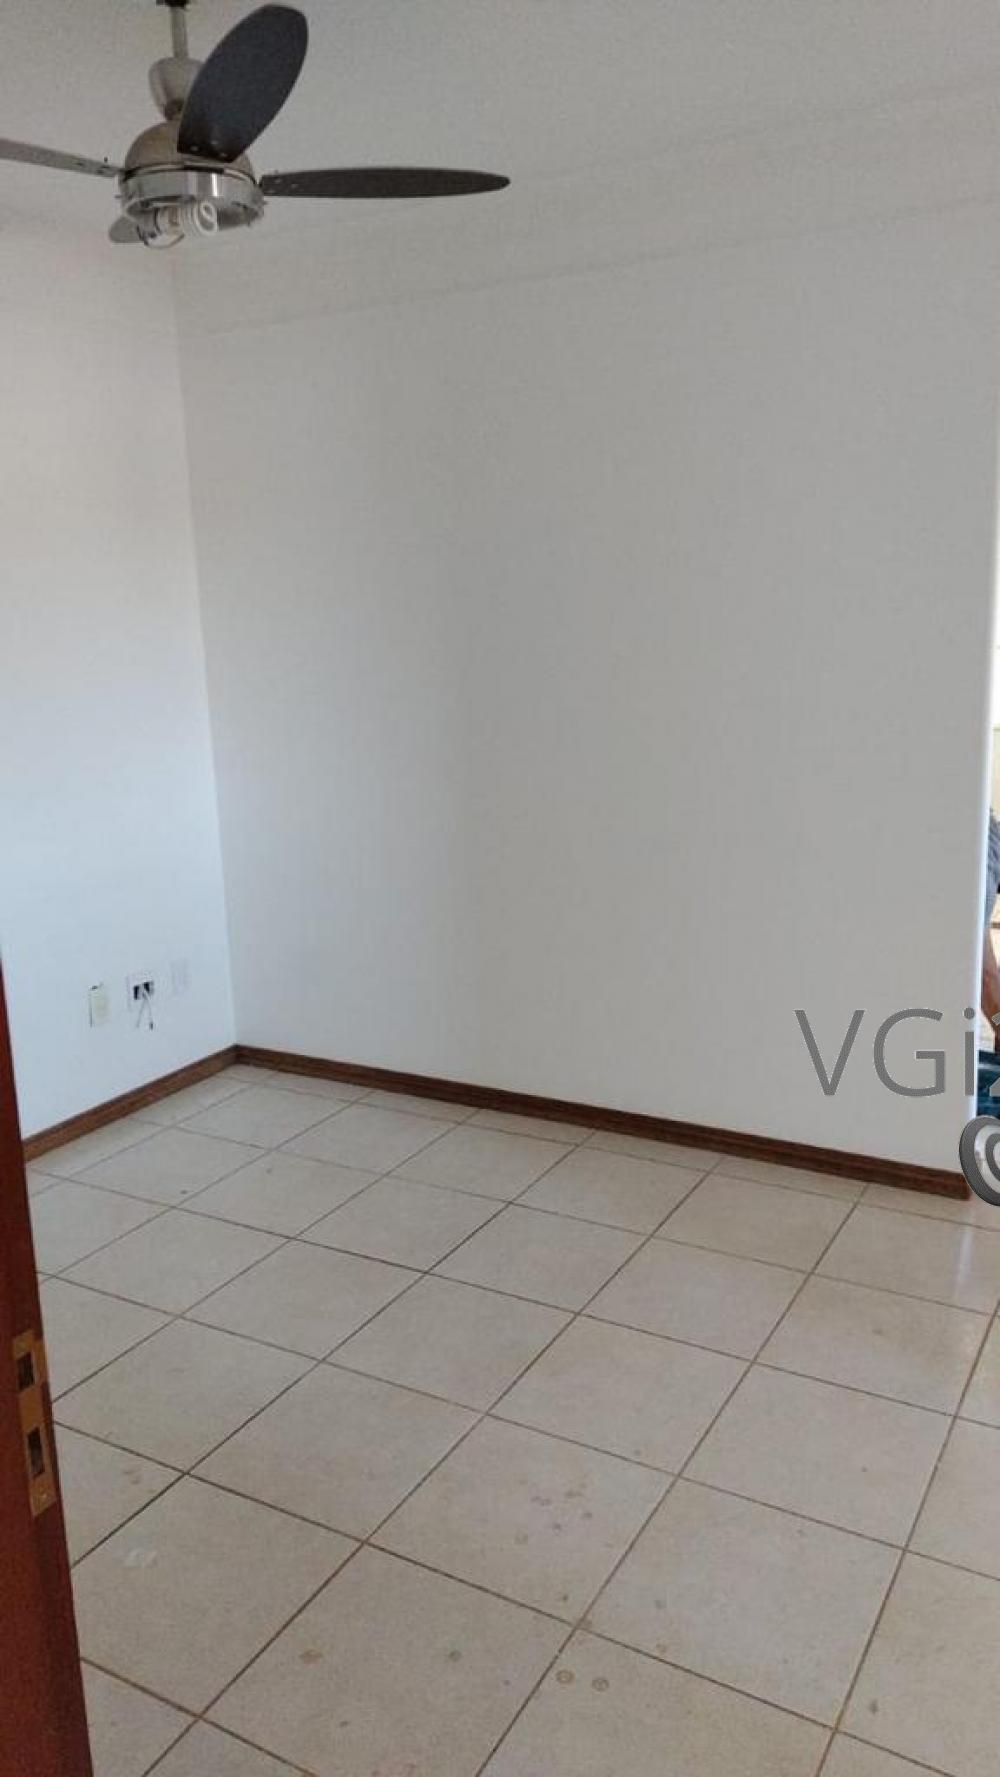 Comprar Apartamento / Padrão em Ribeirão Preto R$ 367.500,00 - Foto 19